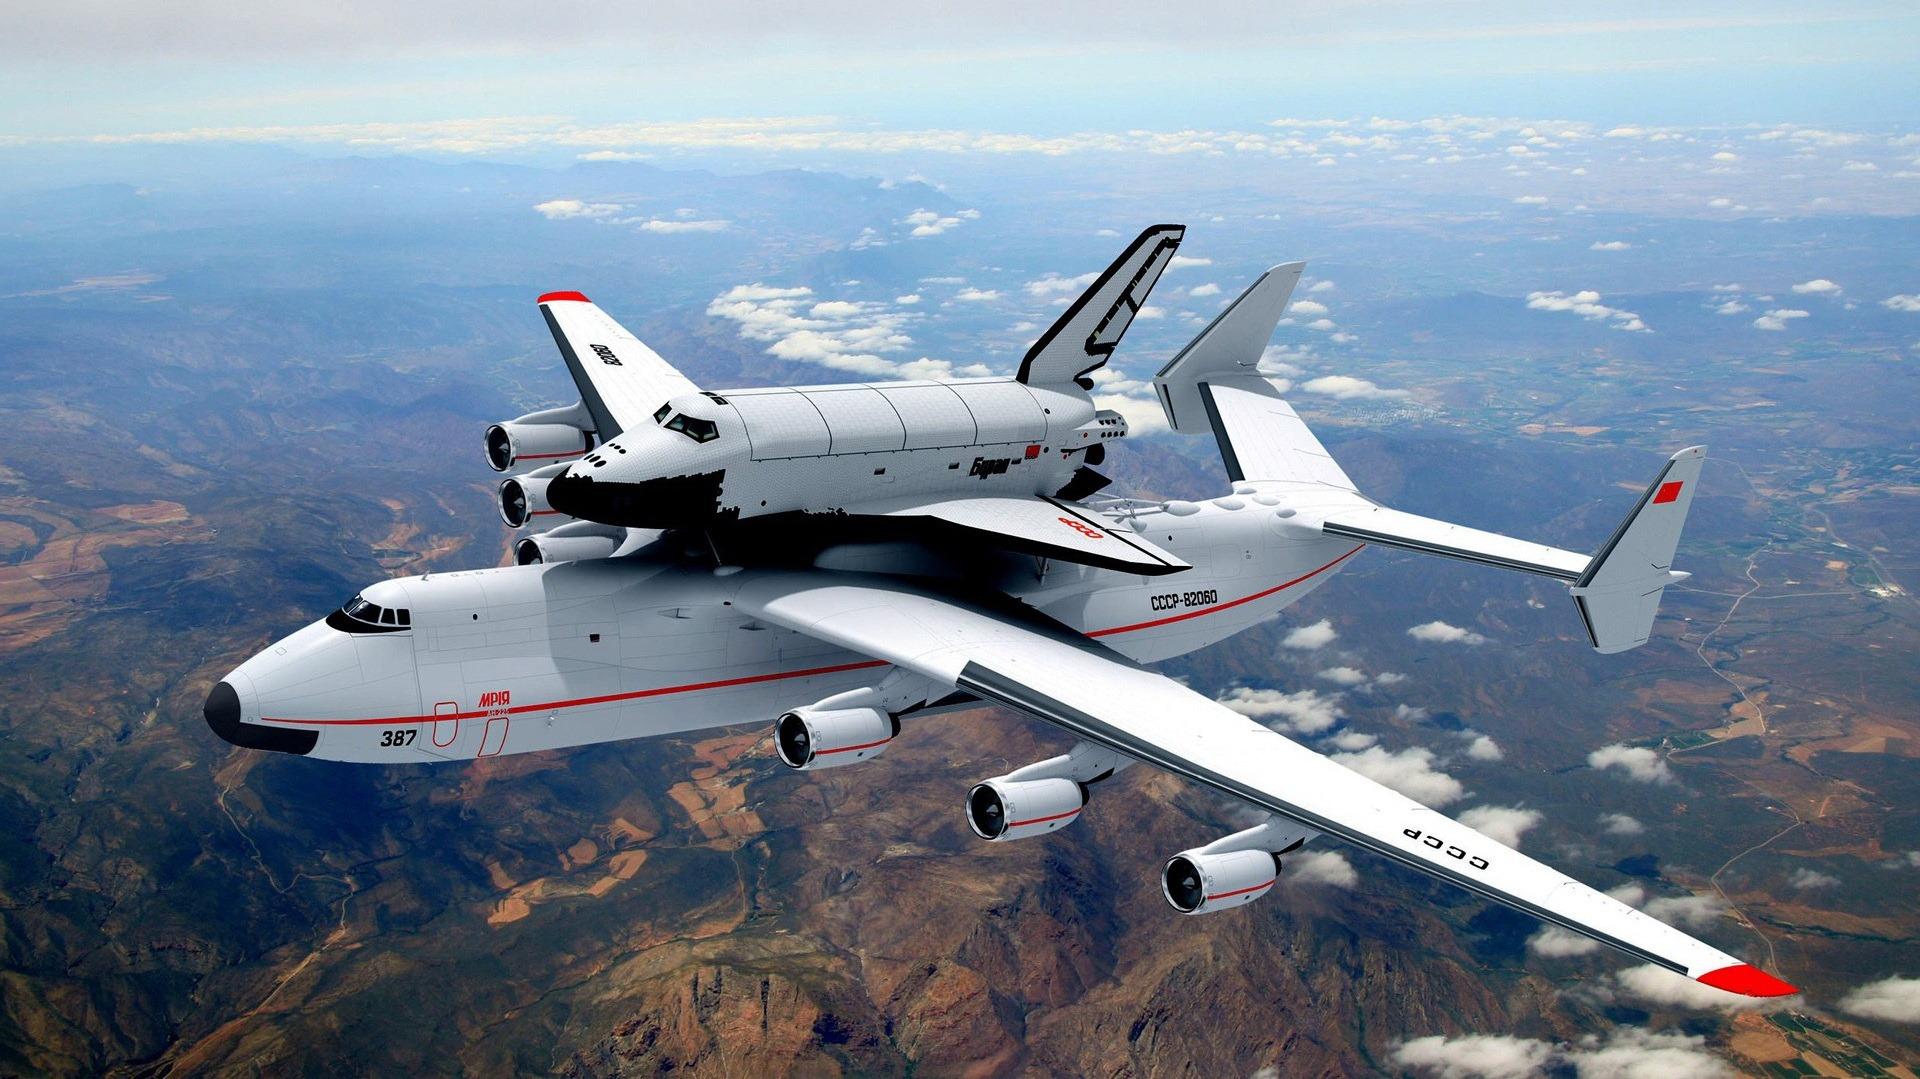 Многоразовый орбитальный корабль «Буран» на самолёте Ан-225 «Мрия».